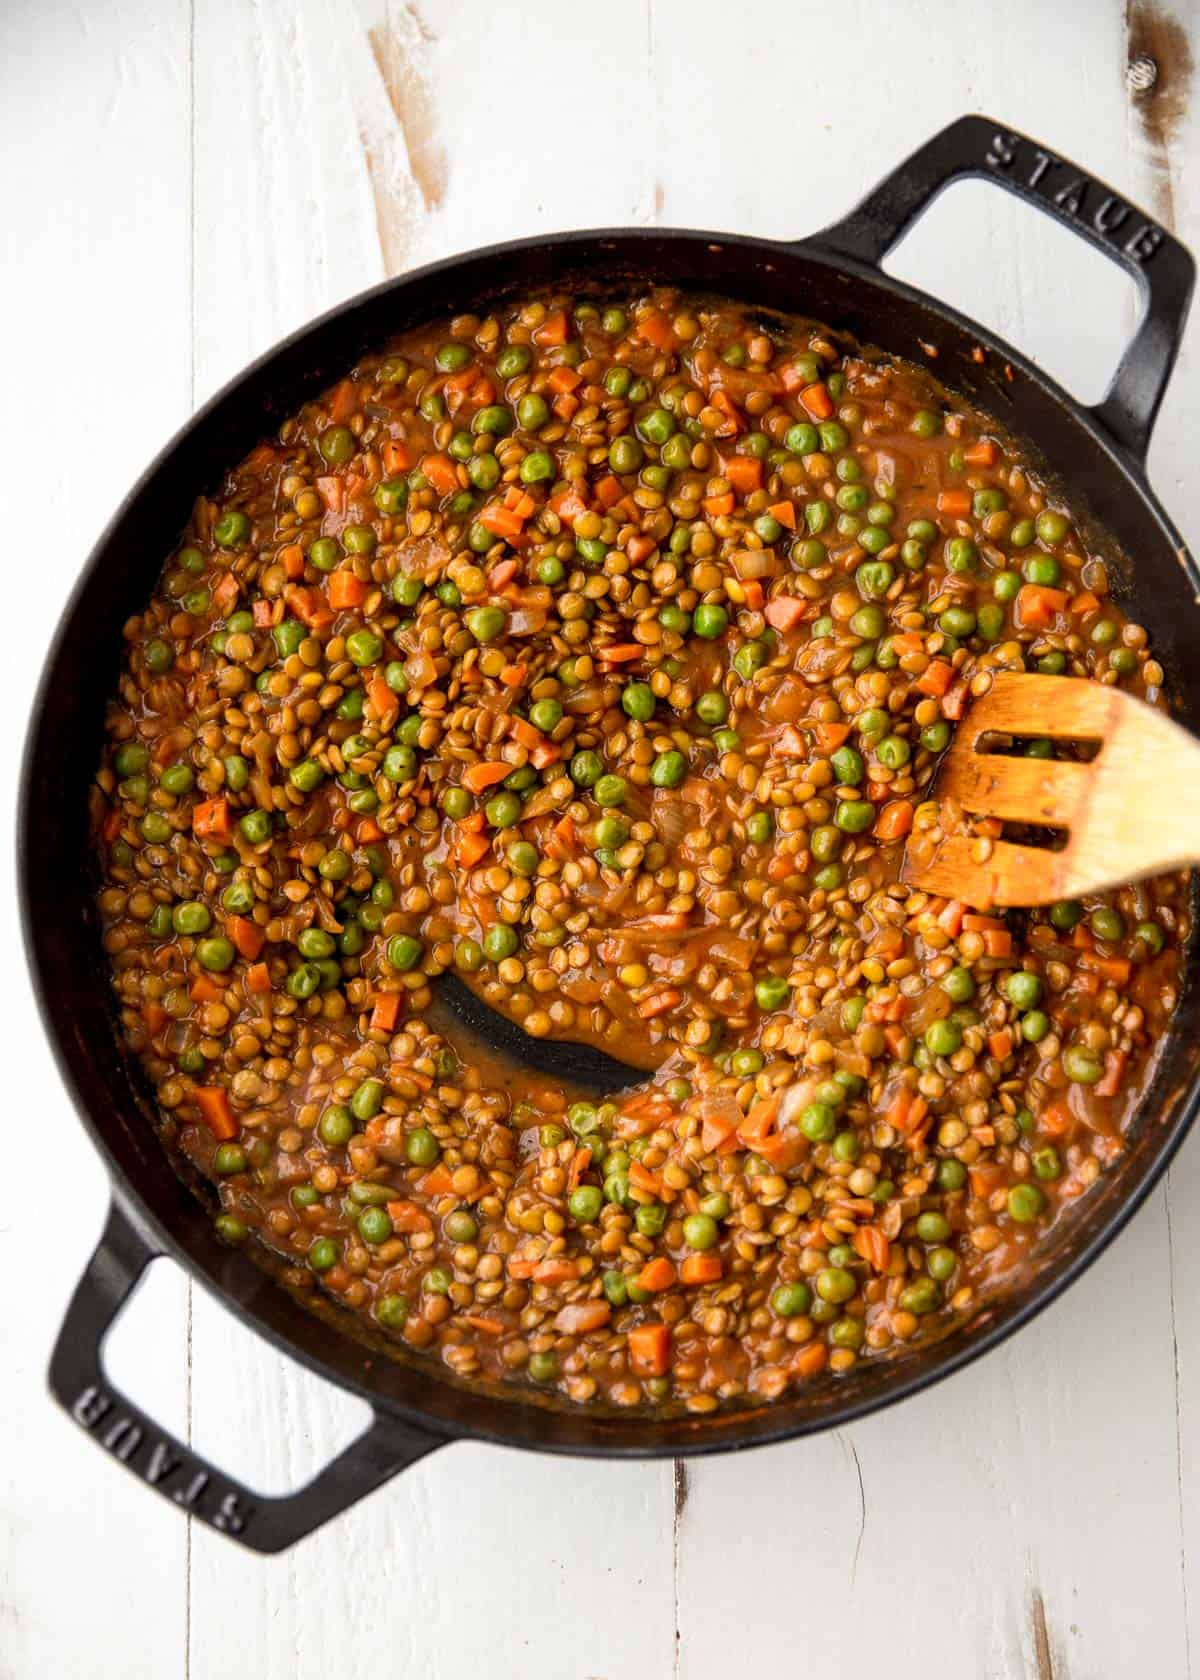 stirring lentils and vegetables in a skillet